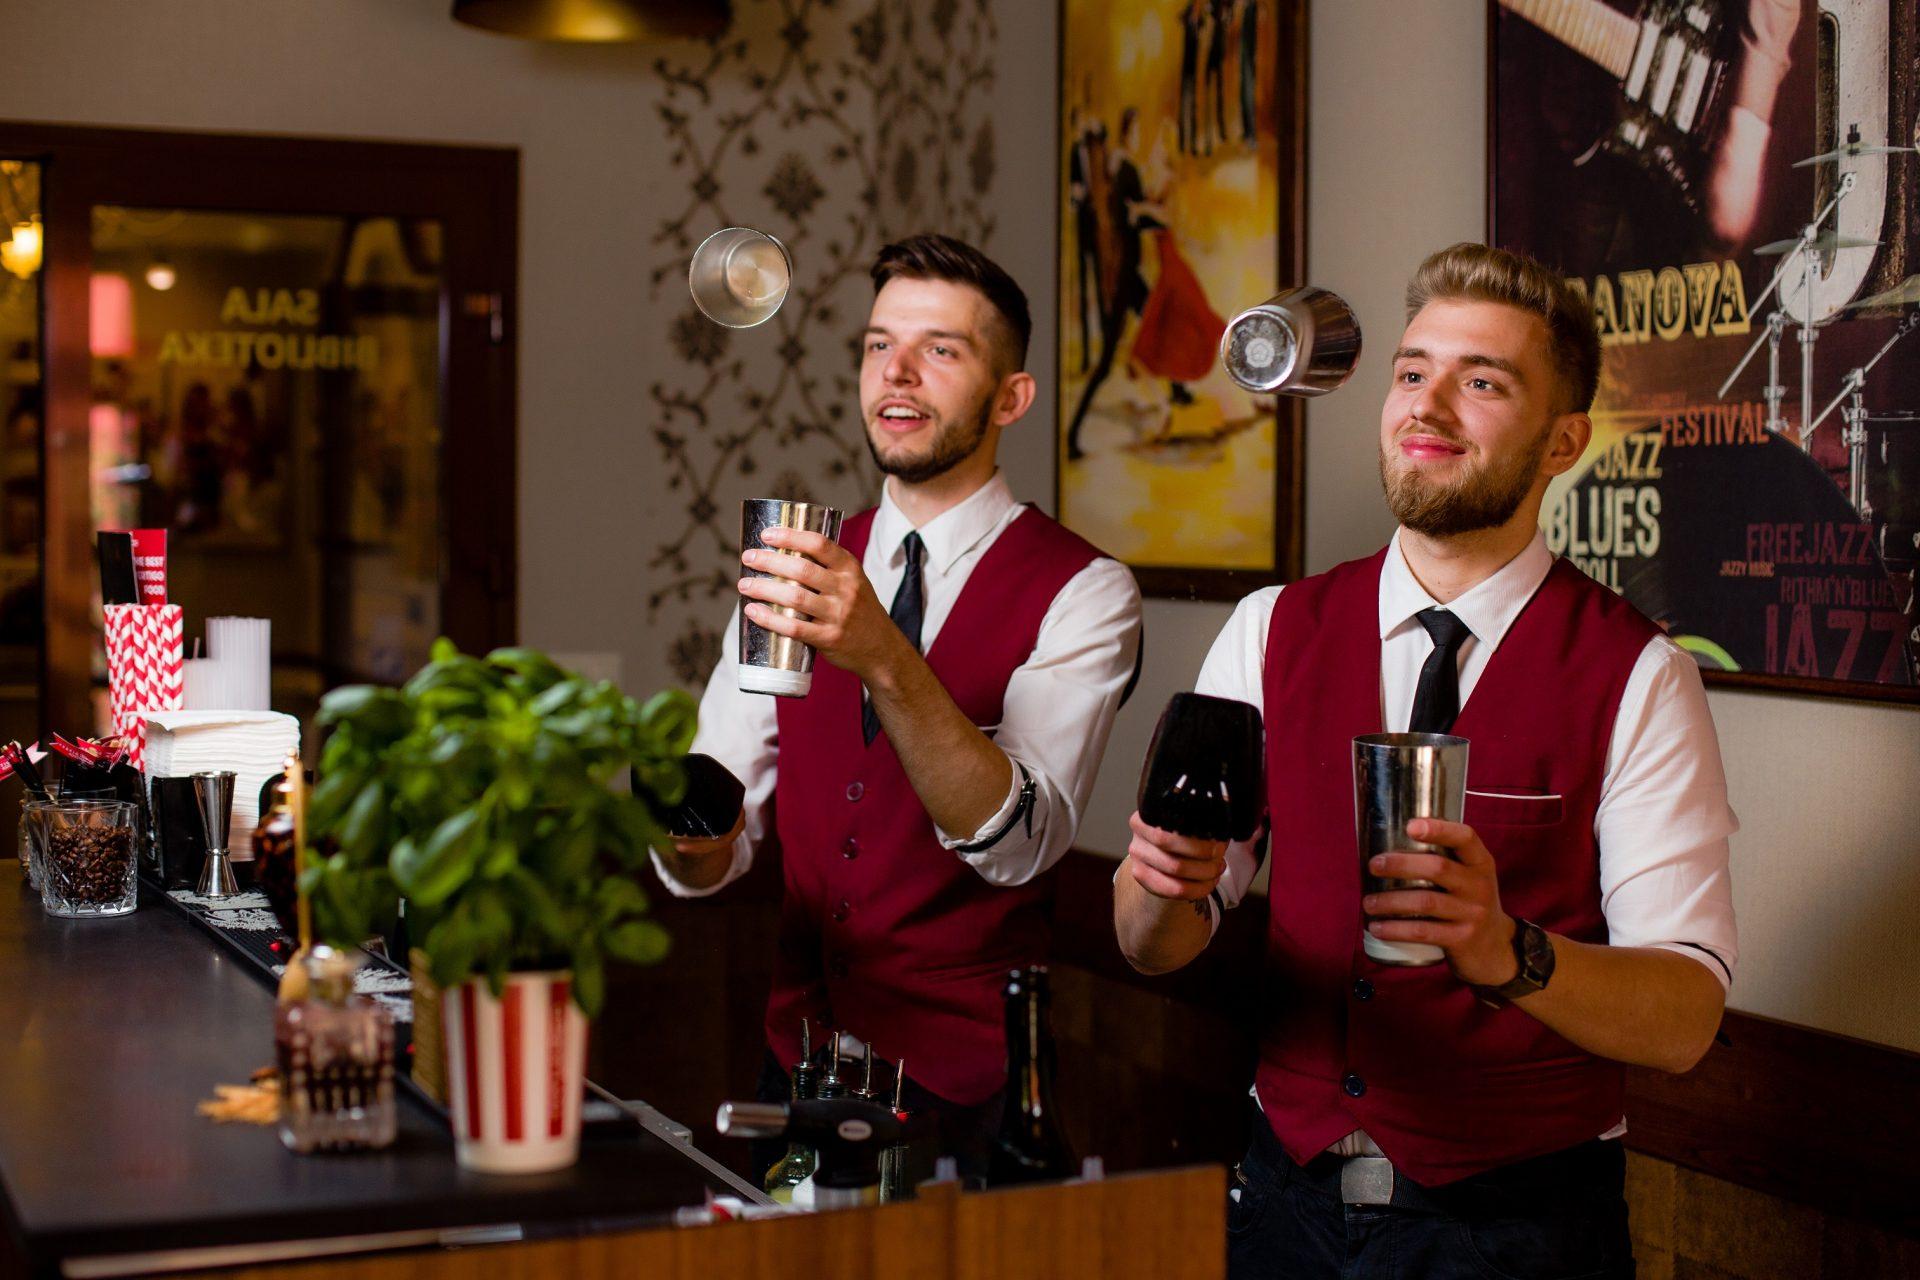 Mobilny Bar Vertigo - barmani przy pracy